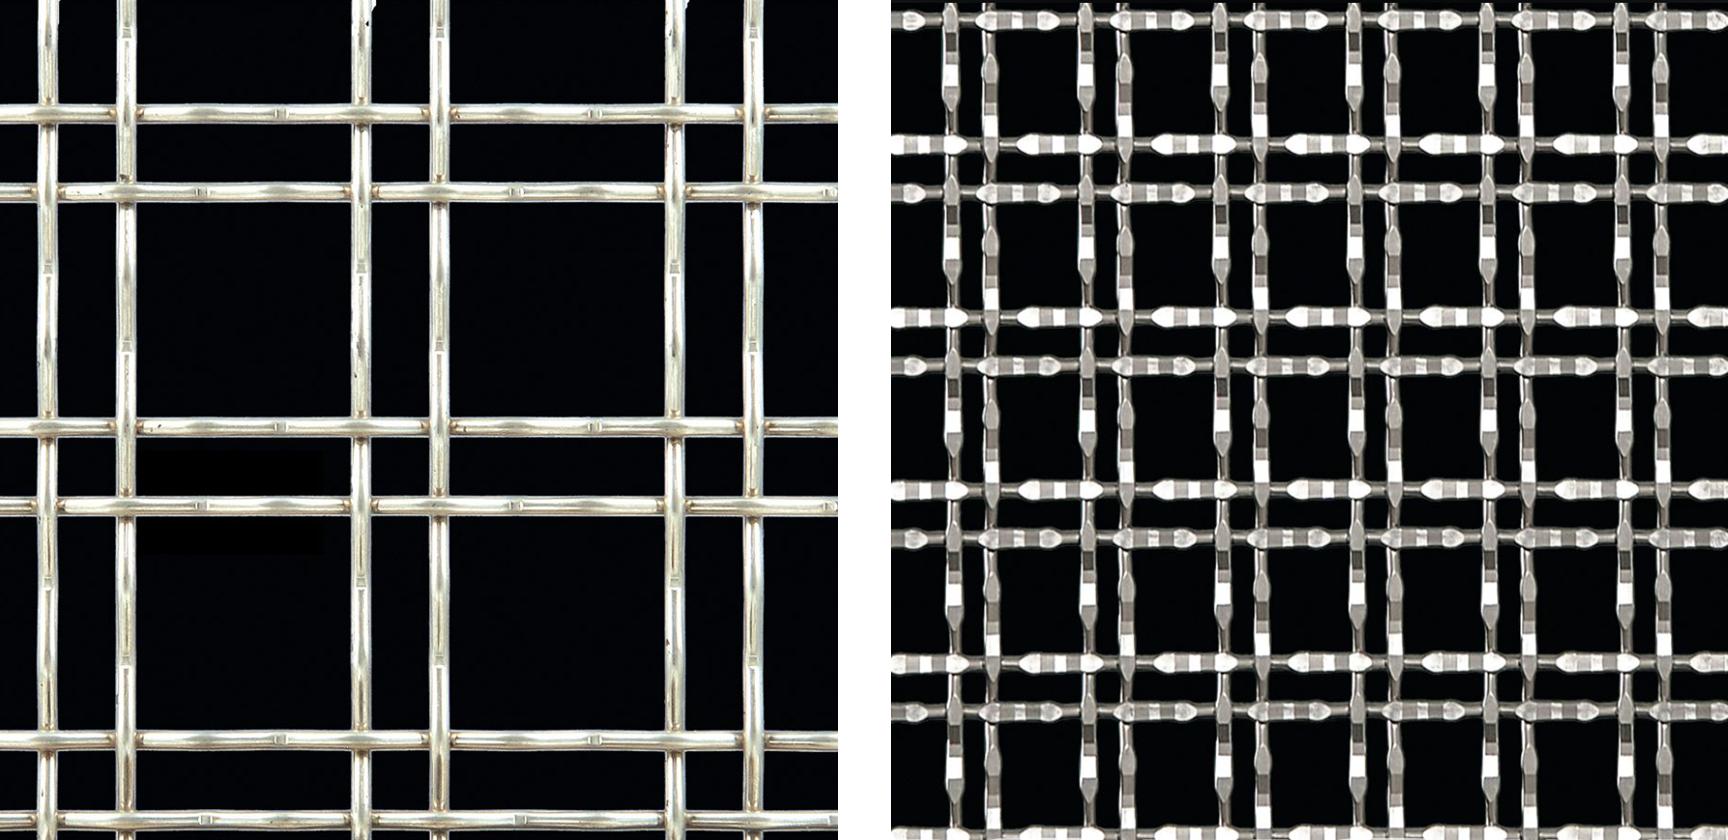 TECHNA 3150 (left) and TALICA 8146 (right)